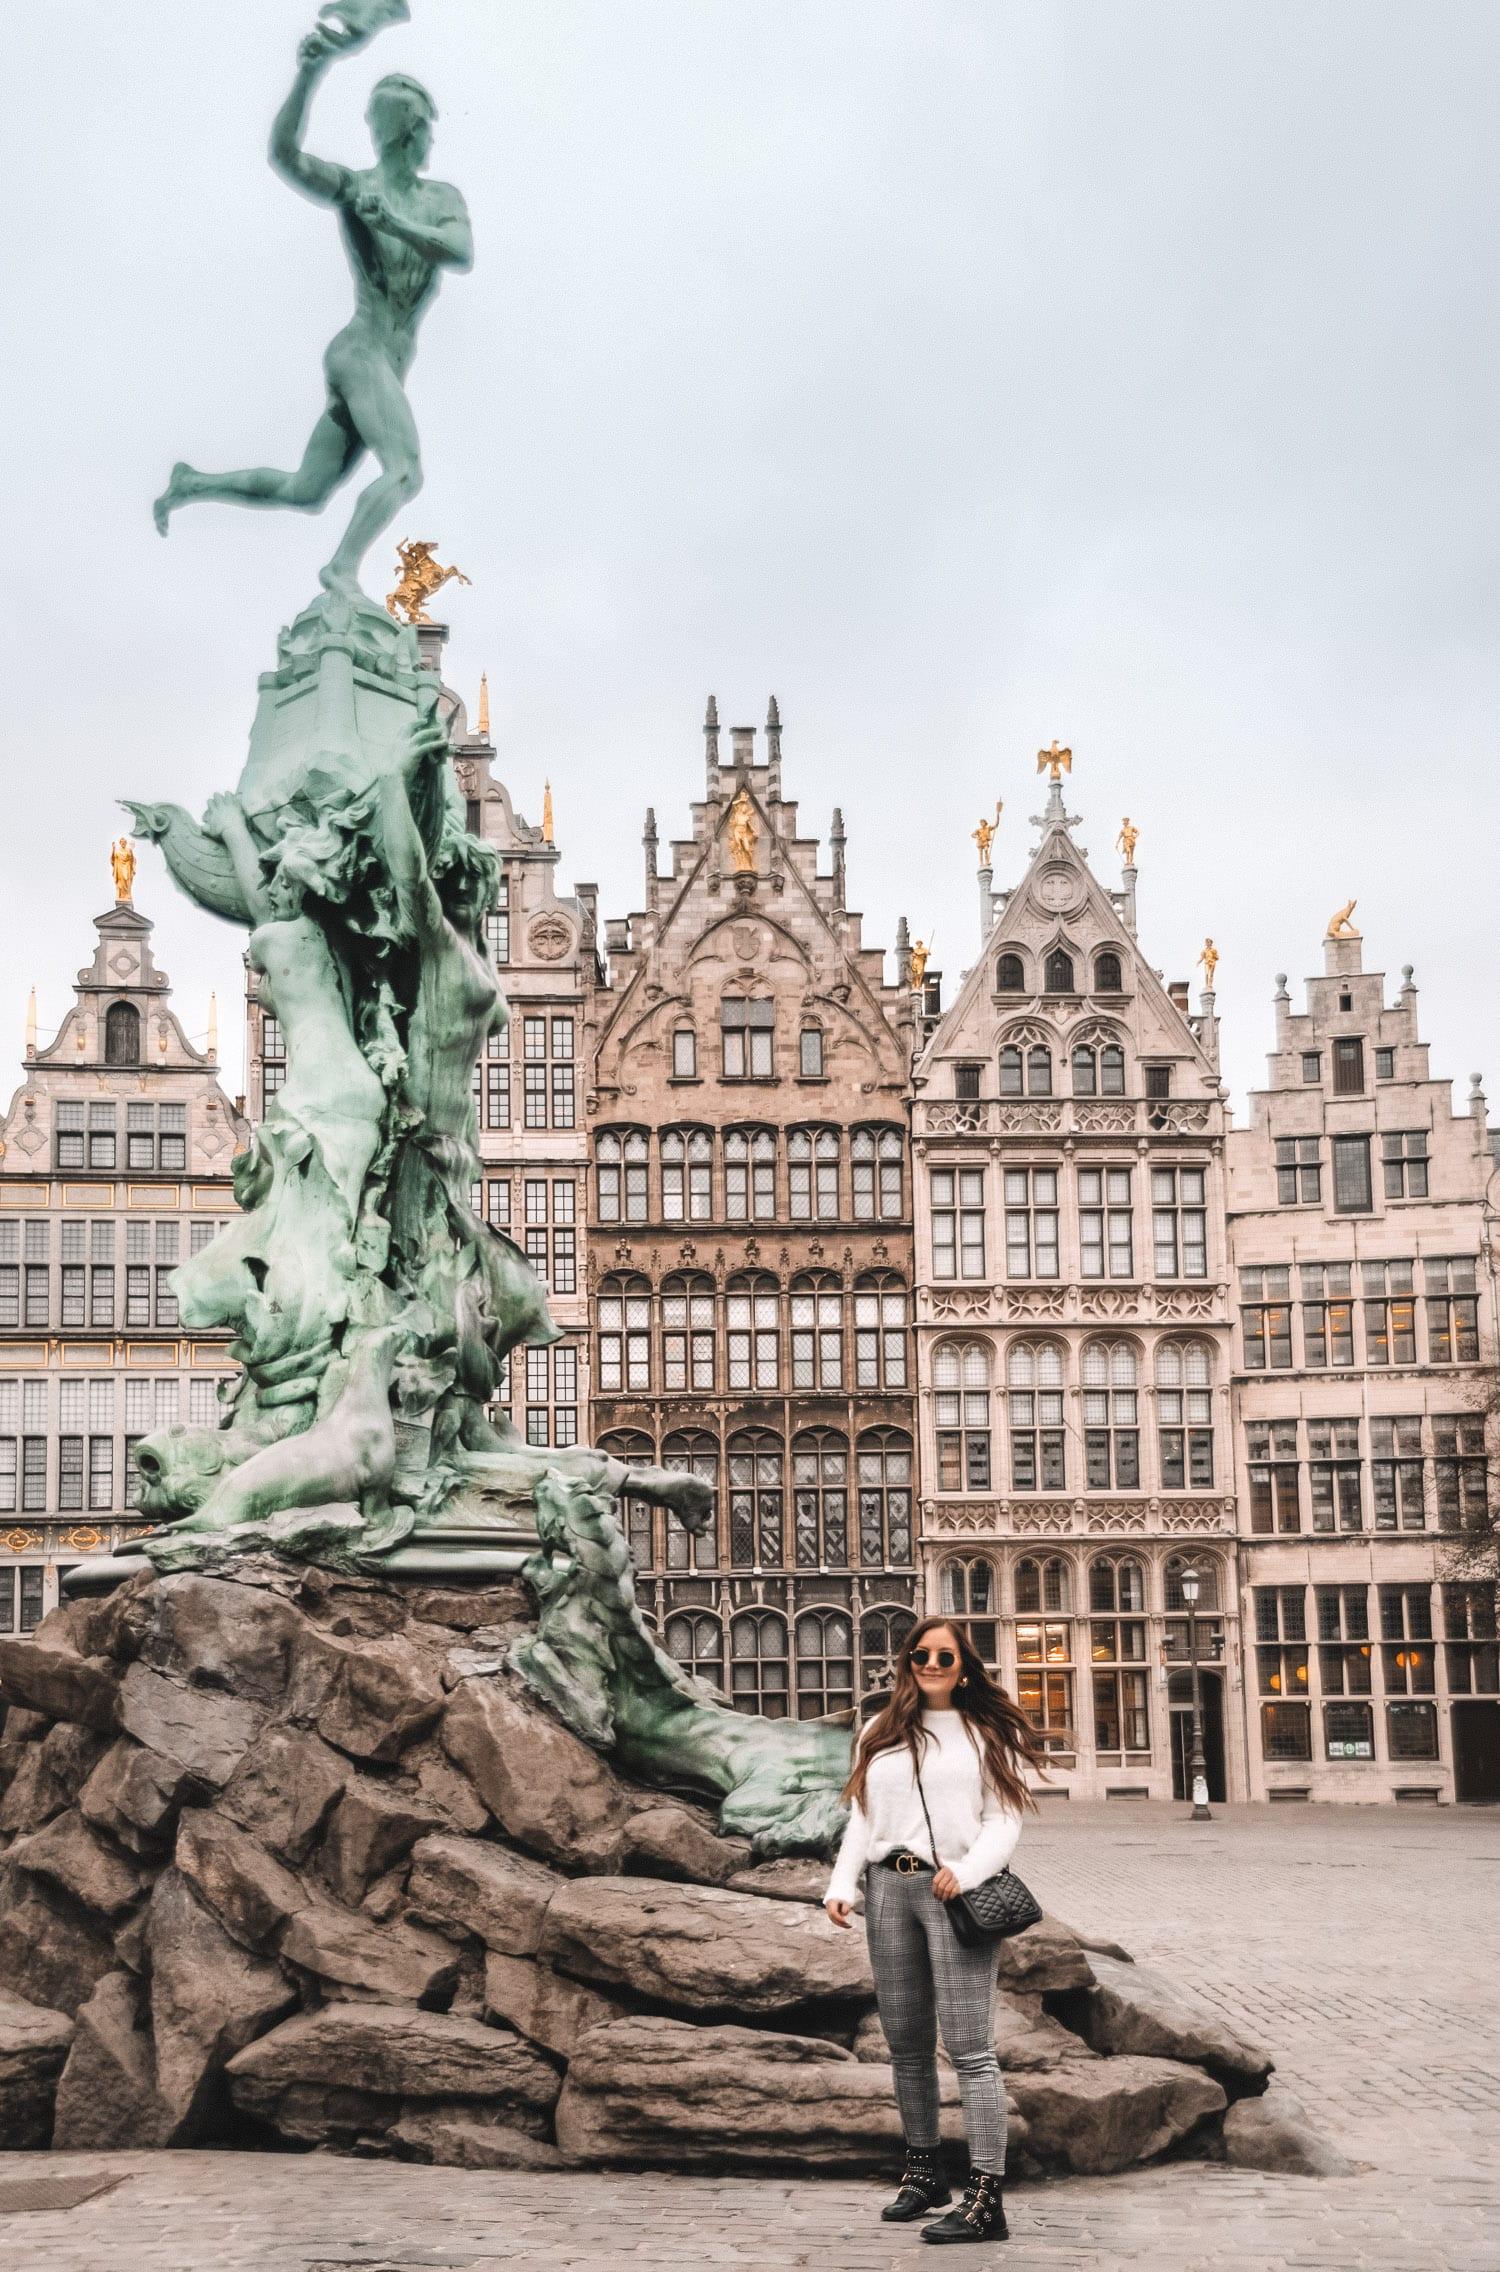 Grote Markt | Antwerp, Belgium Attractions